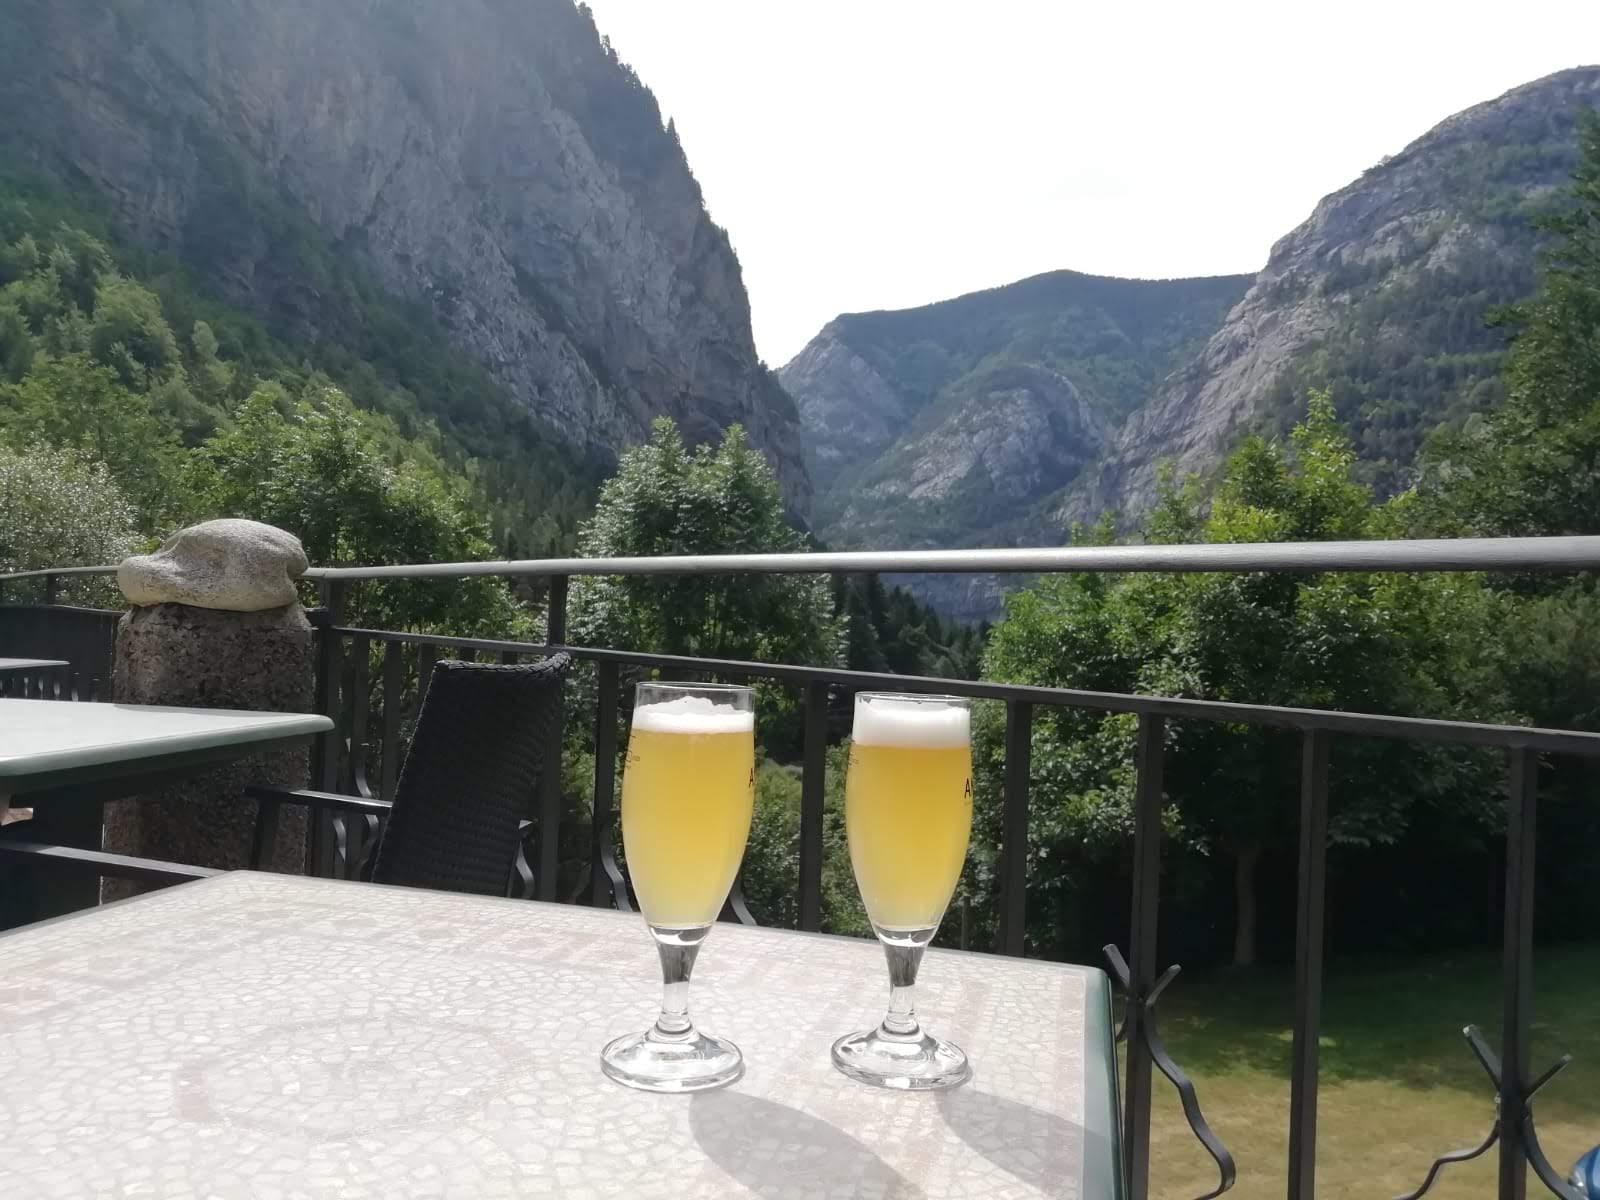 Krátke treky z dediny Torla sme si spríjemnili pivom s limonádou.